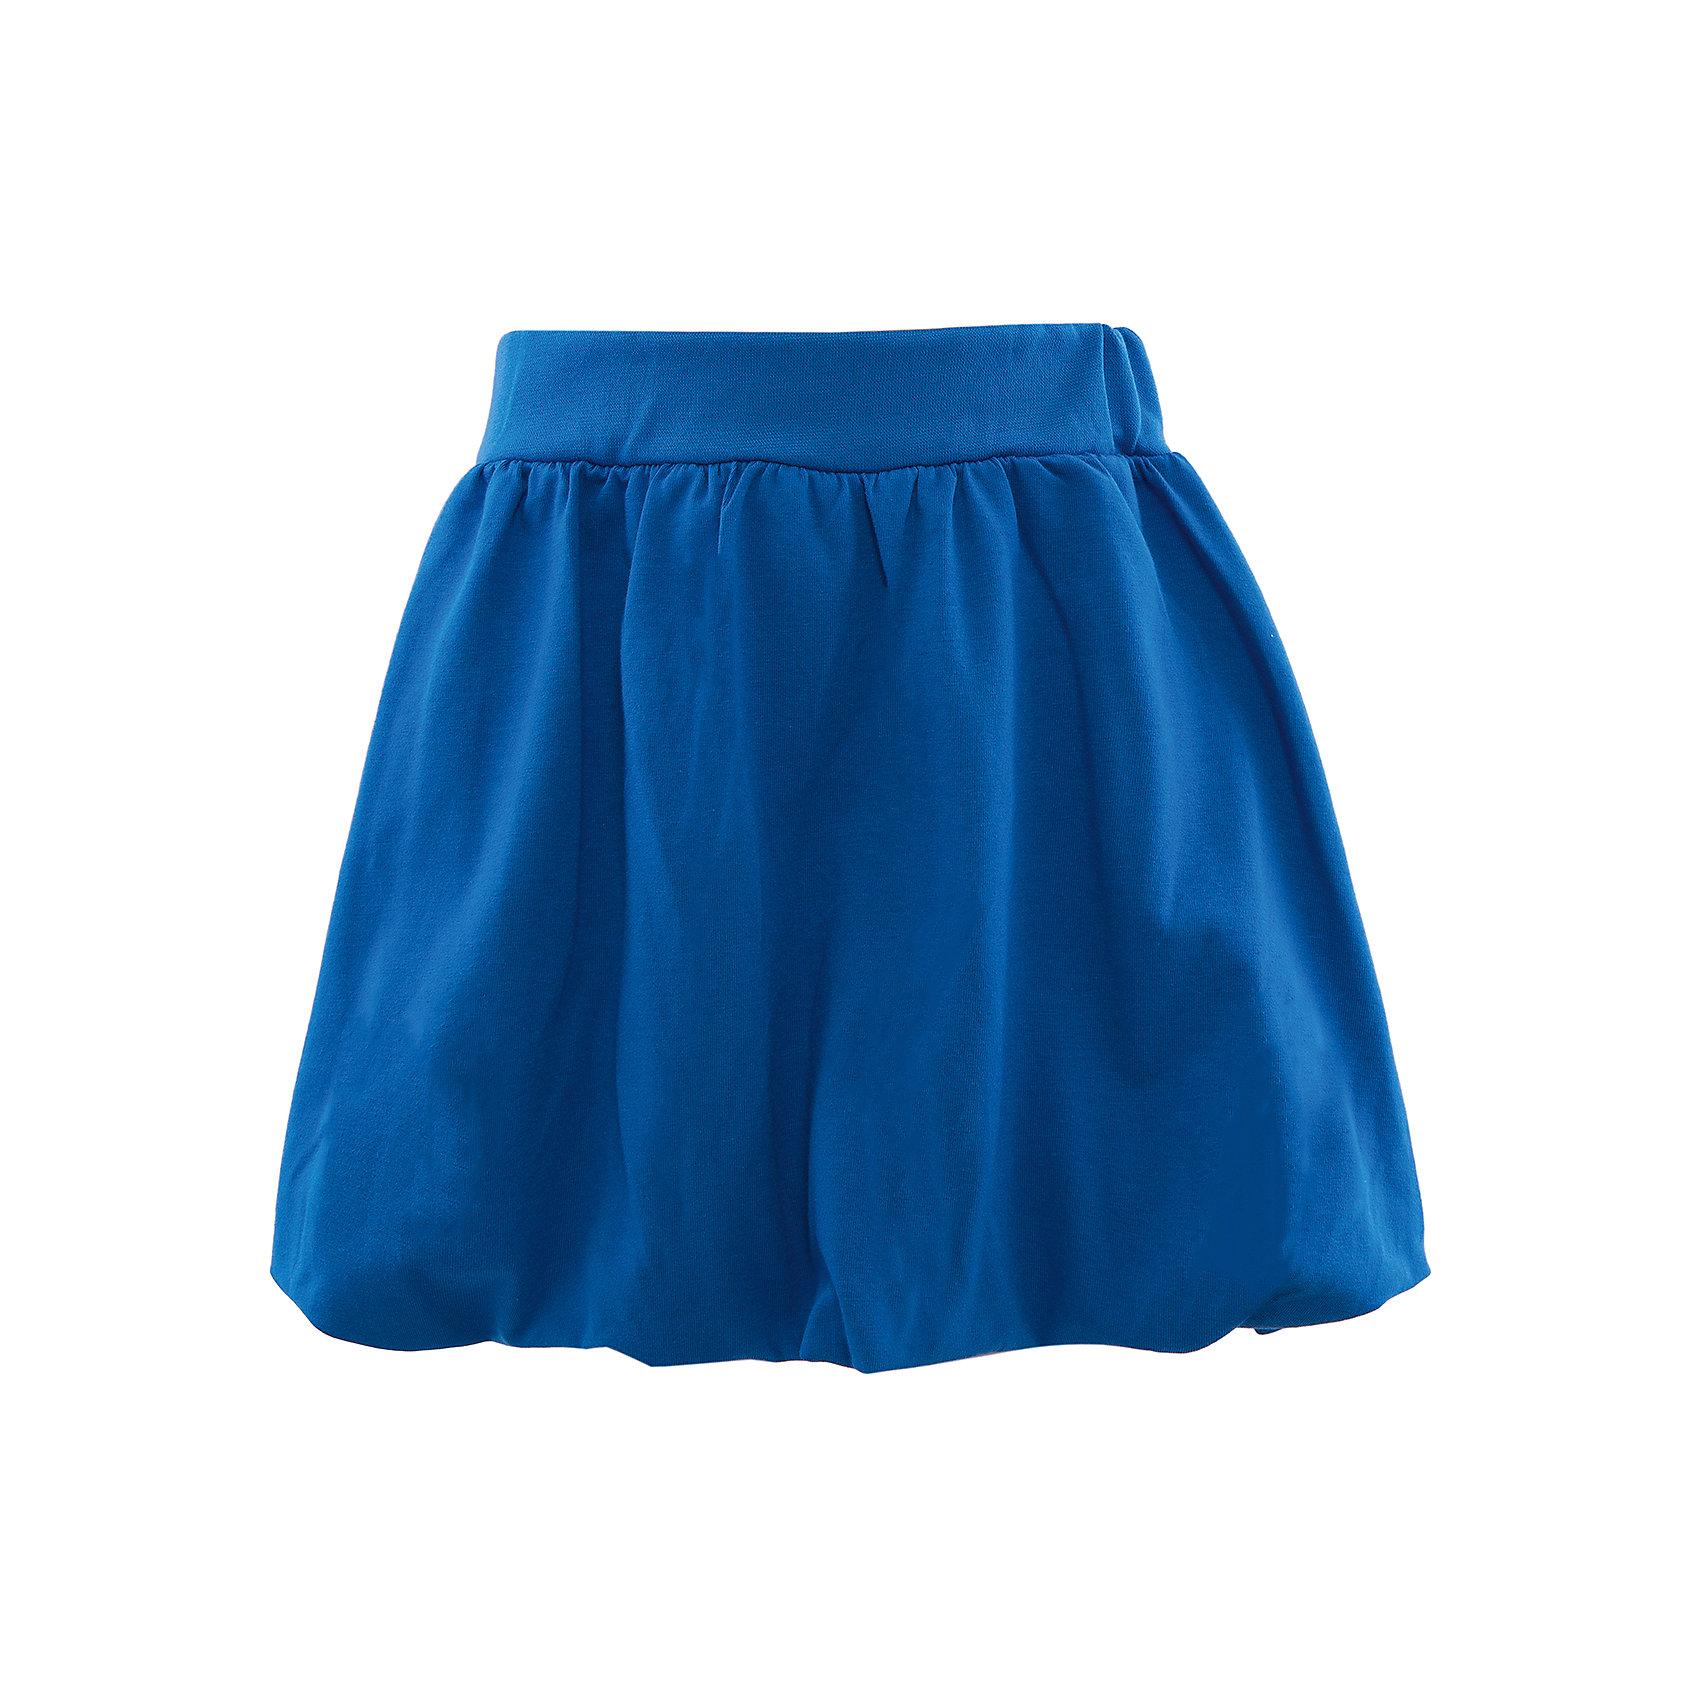 Юбка АпрельПышная юбка выполнена из мягкого хлопка, имеет широкий эластичный пояс. Оригинальный дизайн и модная расцветка делают ее незаменимым предметом детского гардероба. Состав: 92% хлопок, 8% лайкра<br><br>Ширина мм: 207<br>Глубина мм: 10<br>Высота мм: 189<br>Вес г: 183<br>Цвет: синий<br>Возраст от месяцев: 36<br>Возраст до месяцев: 48<br>Пол: Женский<br>Возраст: Детский<br>Размер: 104,116,110,98,128,122<br>SKU: 4630797